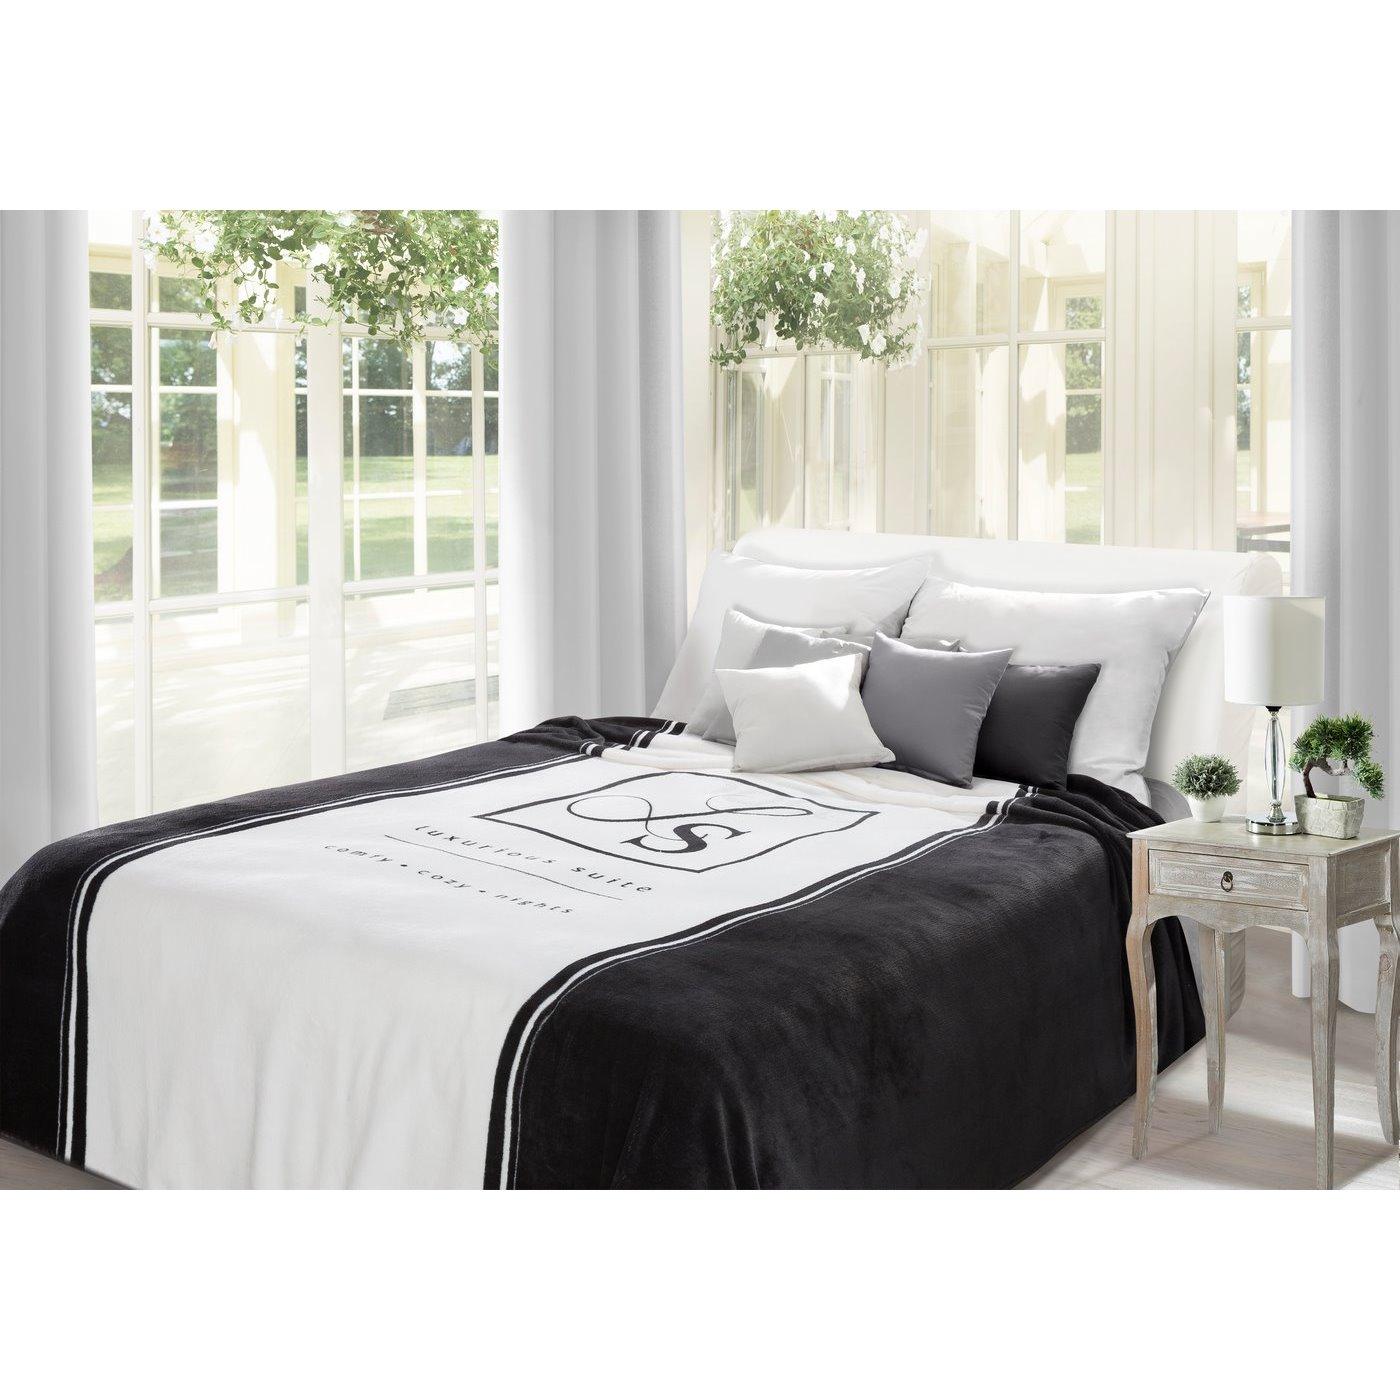 Duży koc z eleganckim czarno-biały nadrukiem 220x240